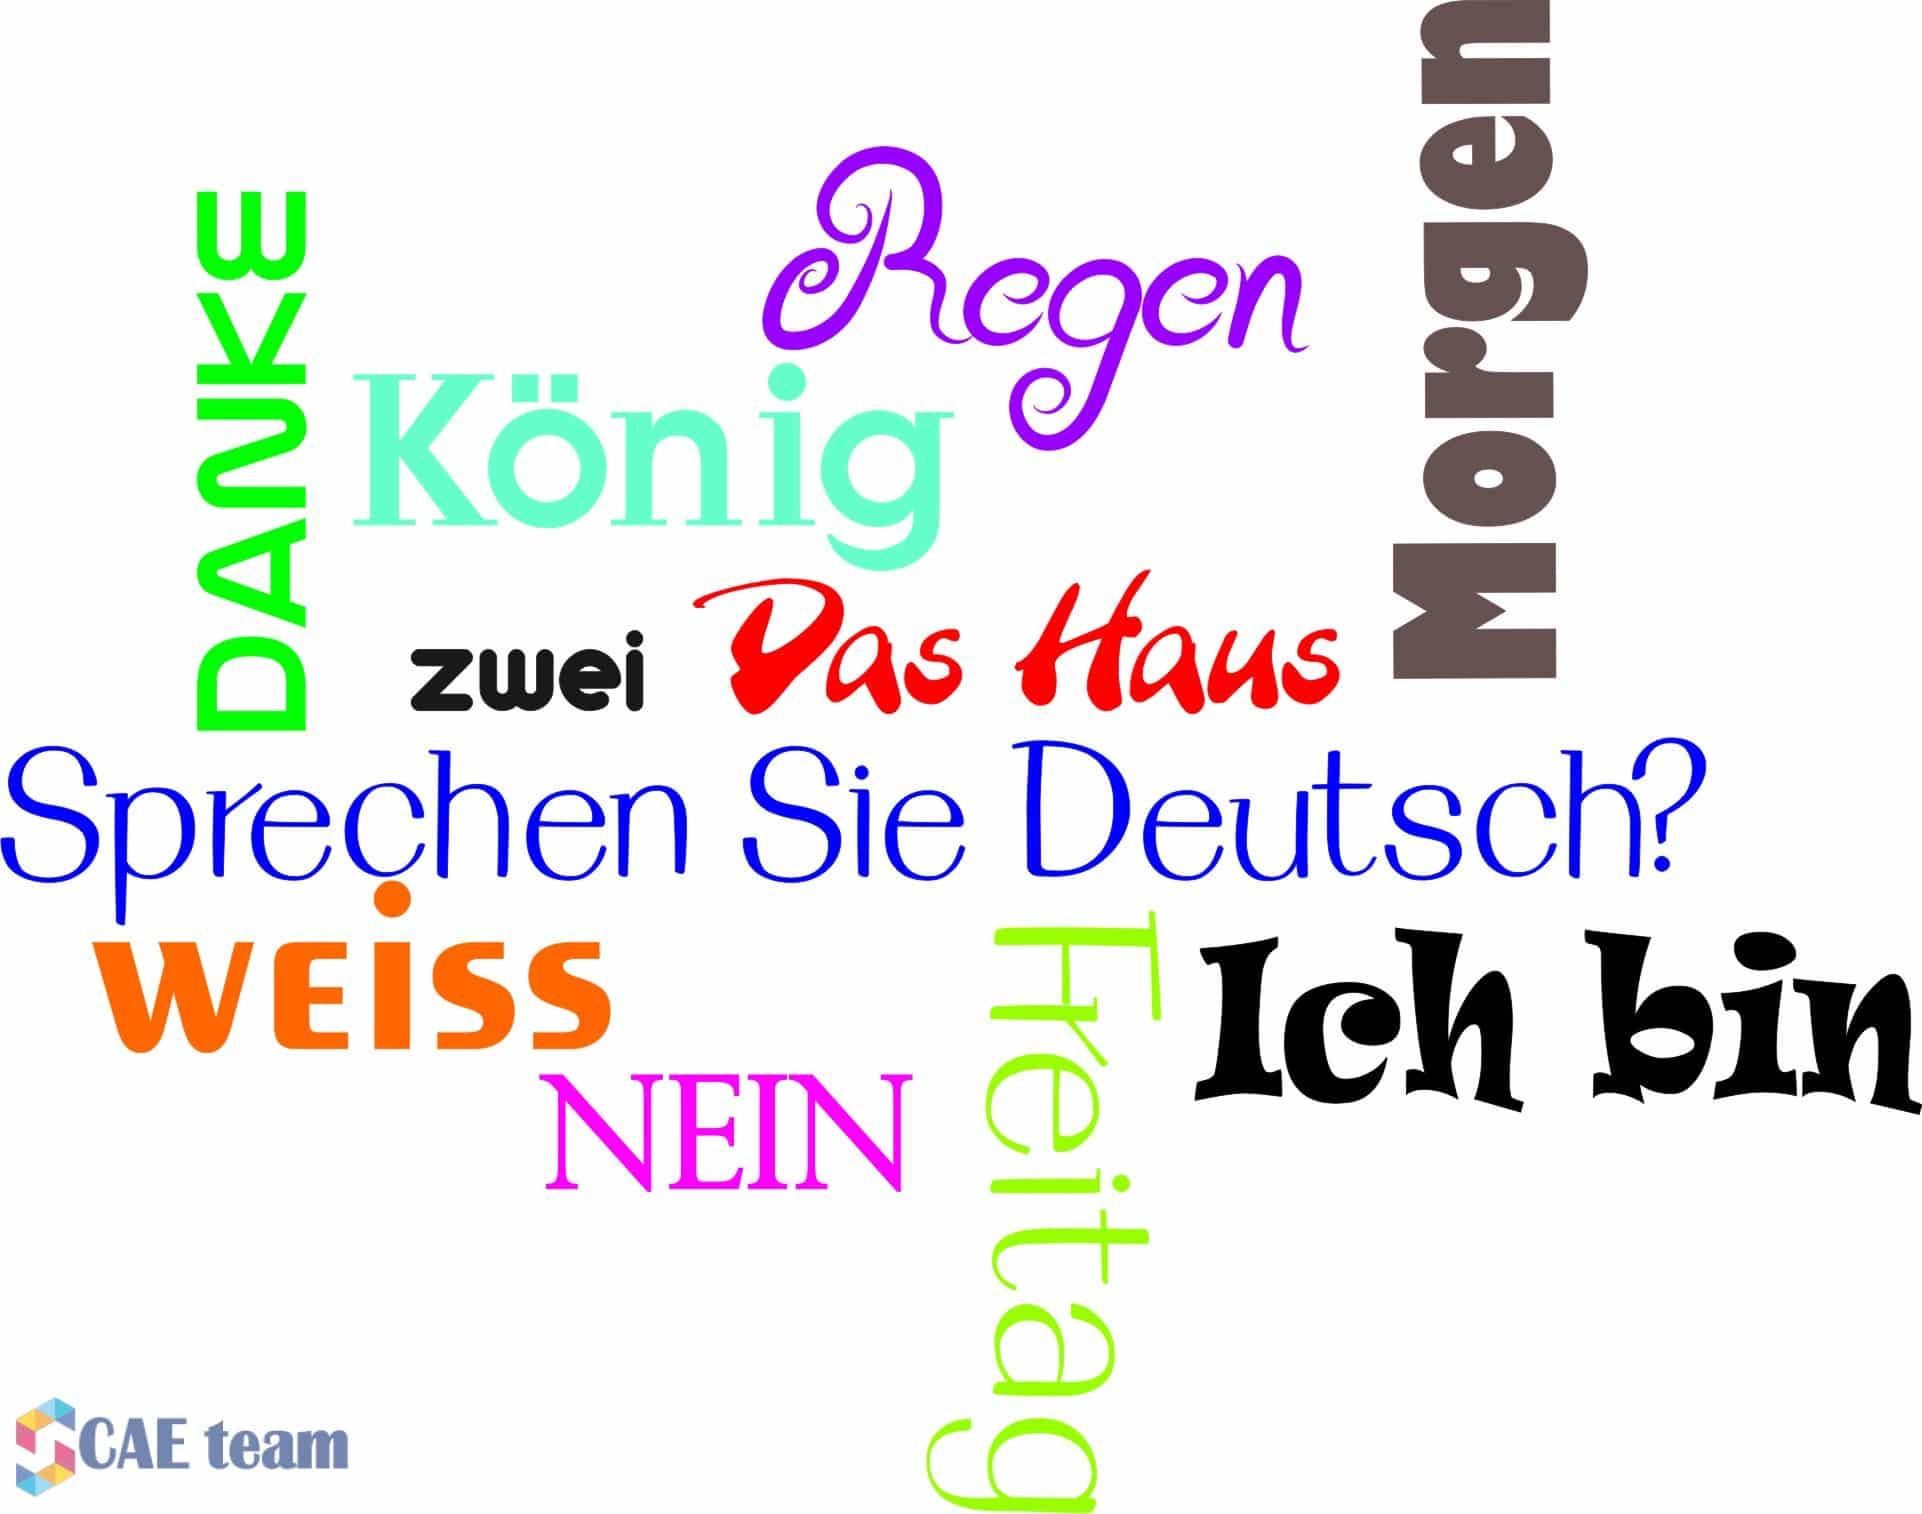 صورة منحة لتعلم اللغة الألمانية في المانيا IIK Stipendienausschreibung 2020